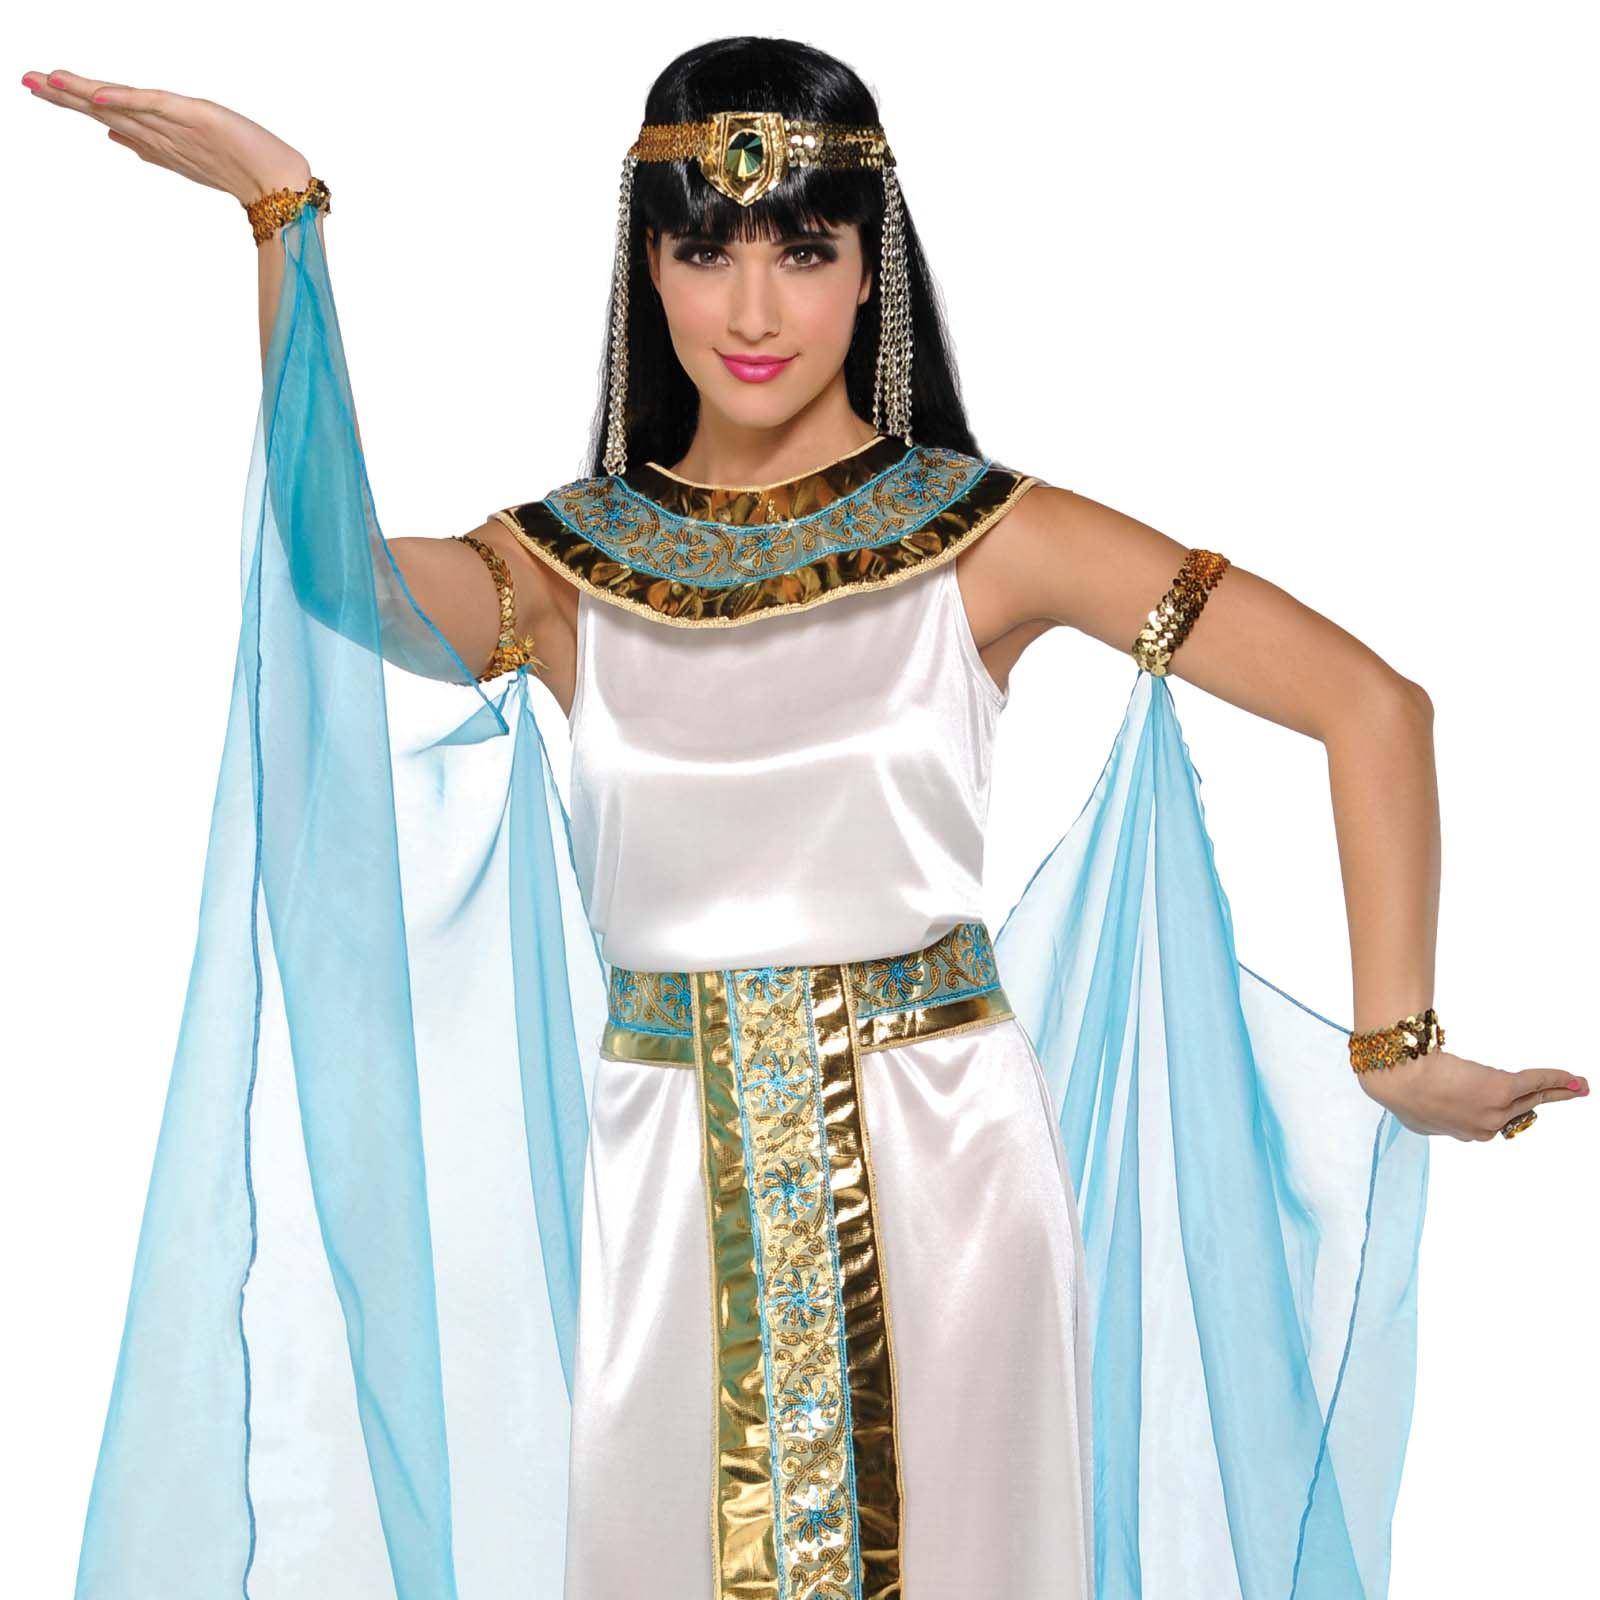 Ladies Egyptian Queen Cleopatra Roman Halloween Fancy Dress Costume Headpiece Ebay